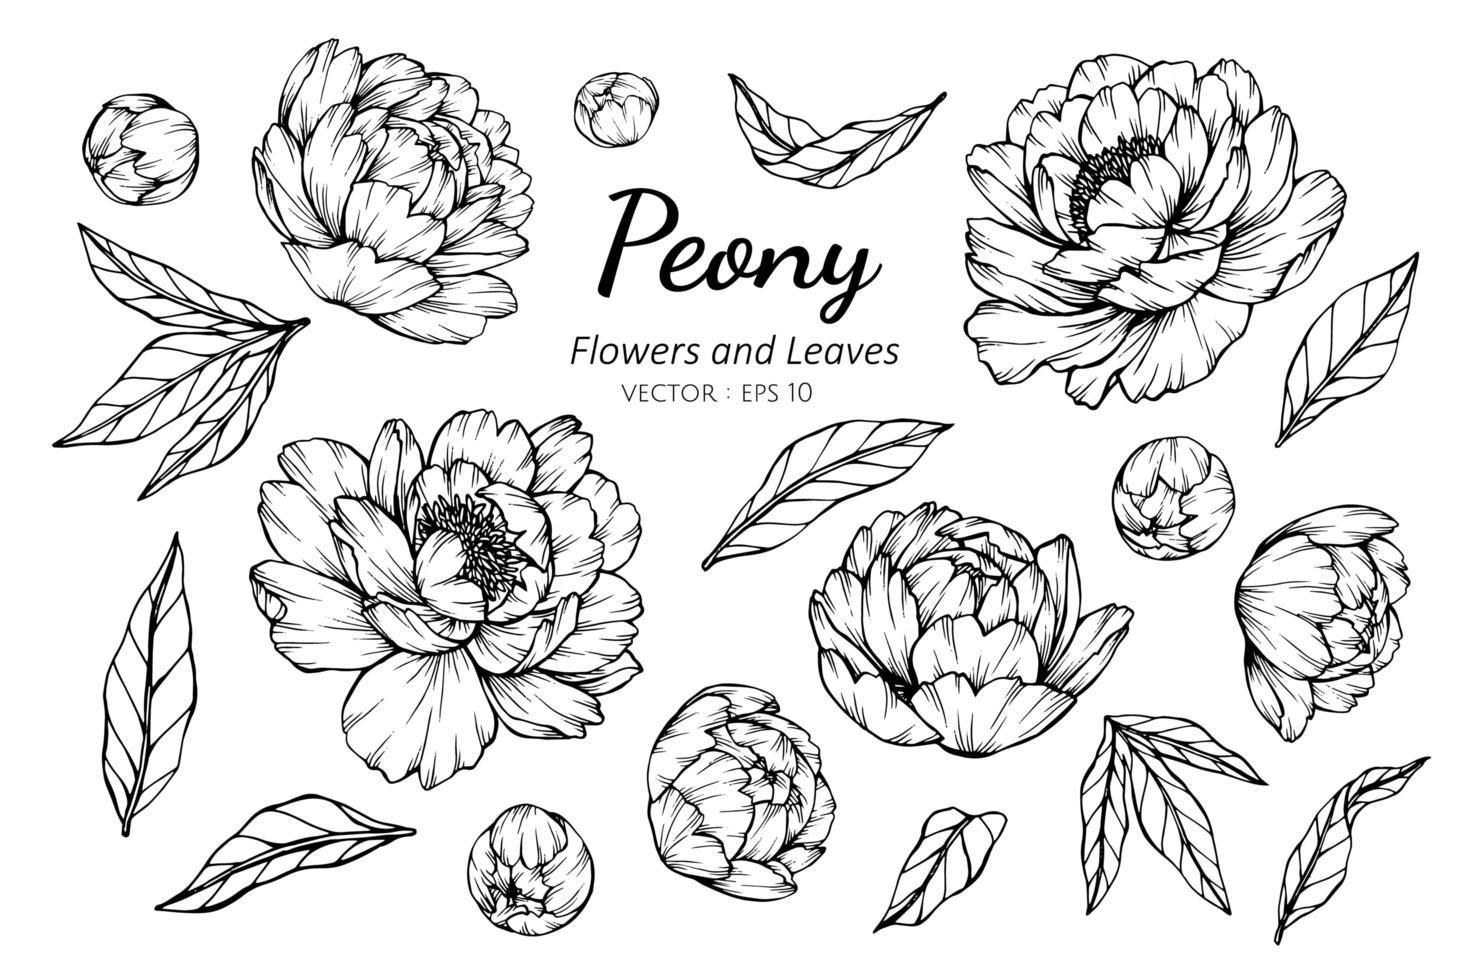 colección de flores y hojas de peonía vector